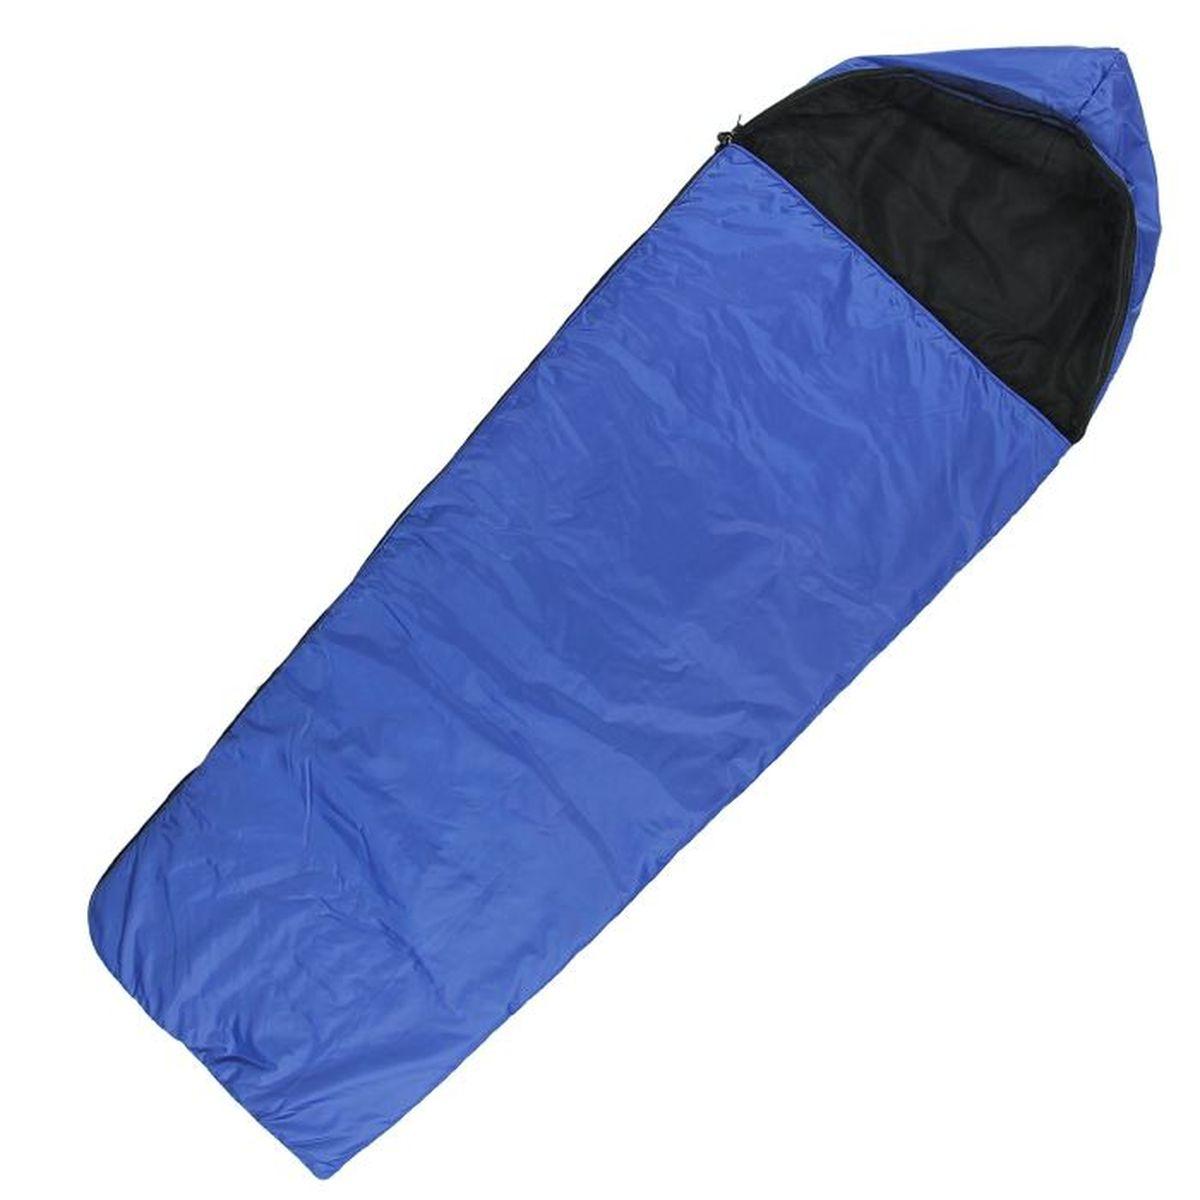 Спальный мешок Onlitop Люкс, цвет: синий, правосторонняя молния1135989Комфортный, просторный и очень теплый 3-х сезонный спальник предназначен для походов и для отдыха на природе не только в летнее время, но и в прохладные дни весенне-осеннего периода. В теплое время спальный мешок можно использовать как одеяло (в том числе и дома).